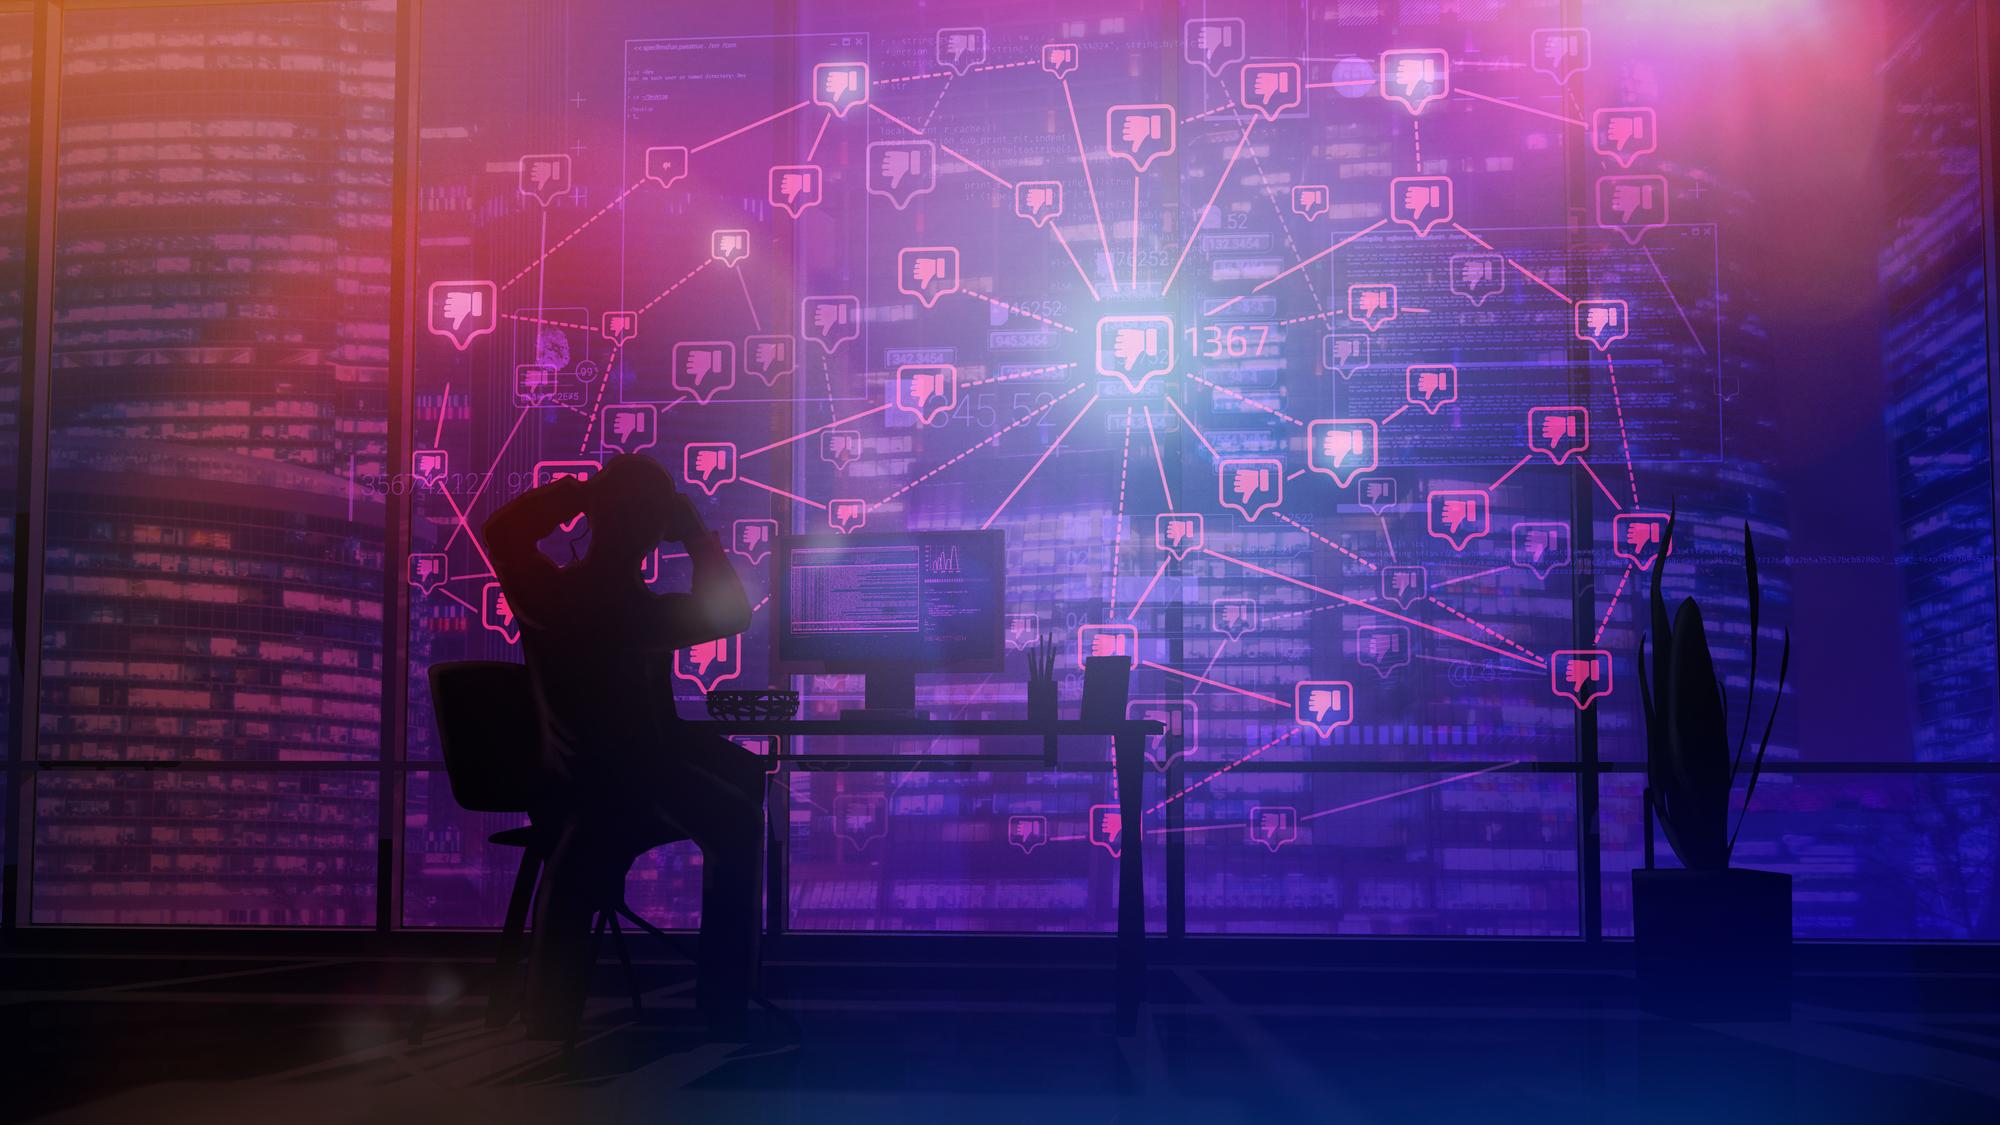 【次世代のインターネット接続手段】IPv6の導入状況を日本と海外それぞれをご紹介のアイキャッチイメージ